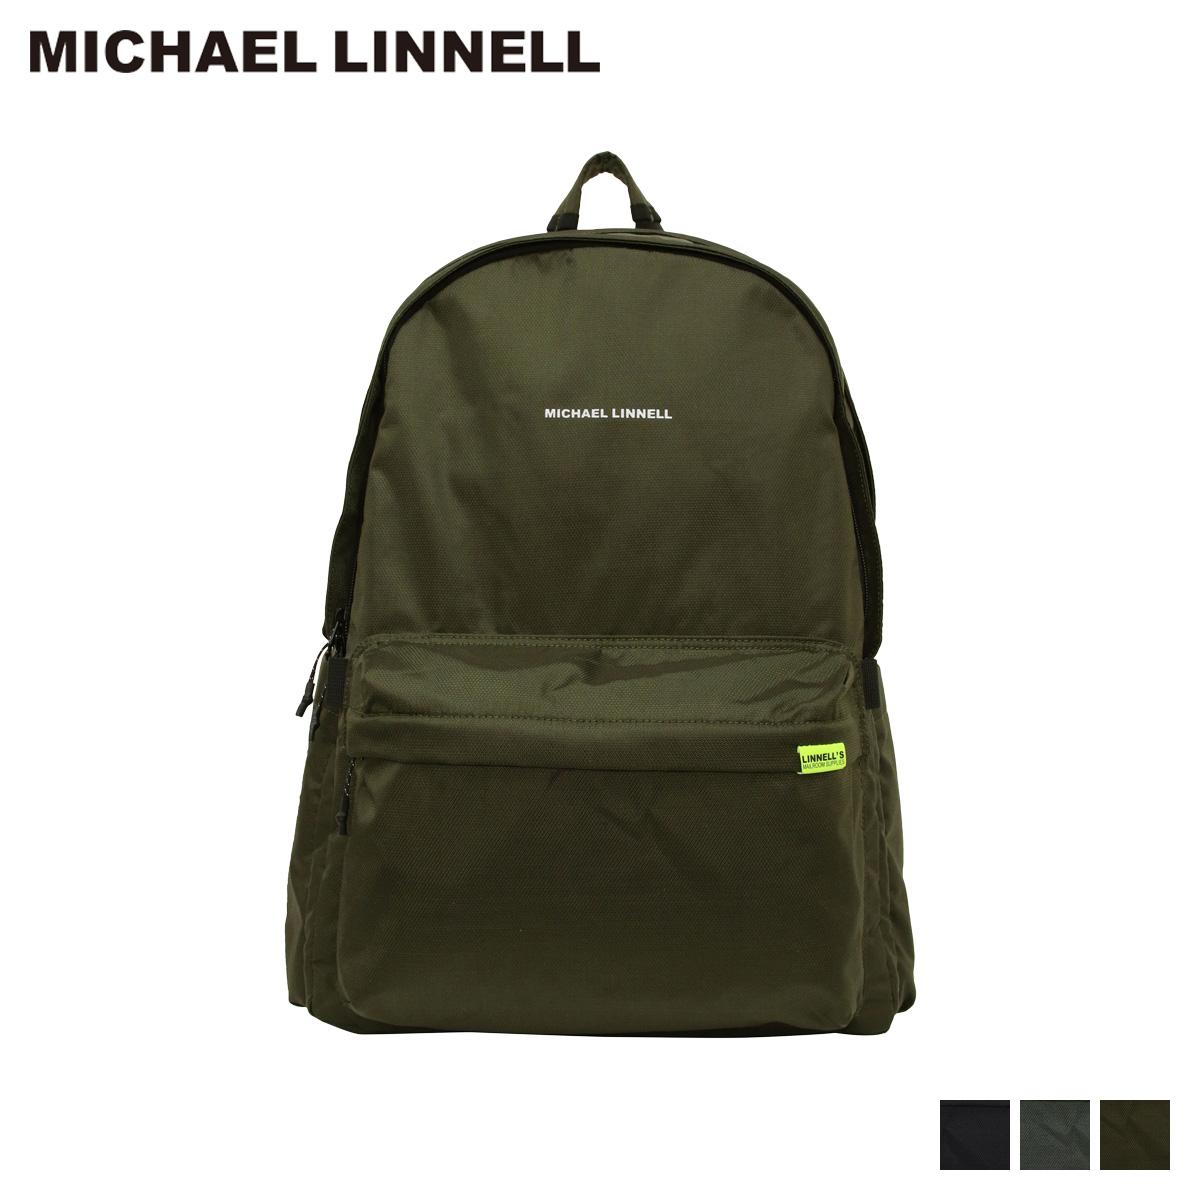 マイケルリンネル MICHAEL LINNELL リュック バッグ バックパック メンズ レディース 24L 撥水 軽量 EXPAND DAY PACK ブラック グレー カーキ 黒 MLEP-01 [9/14 新入荷]